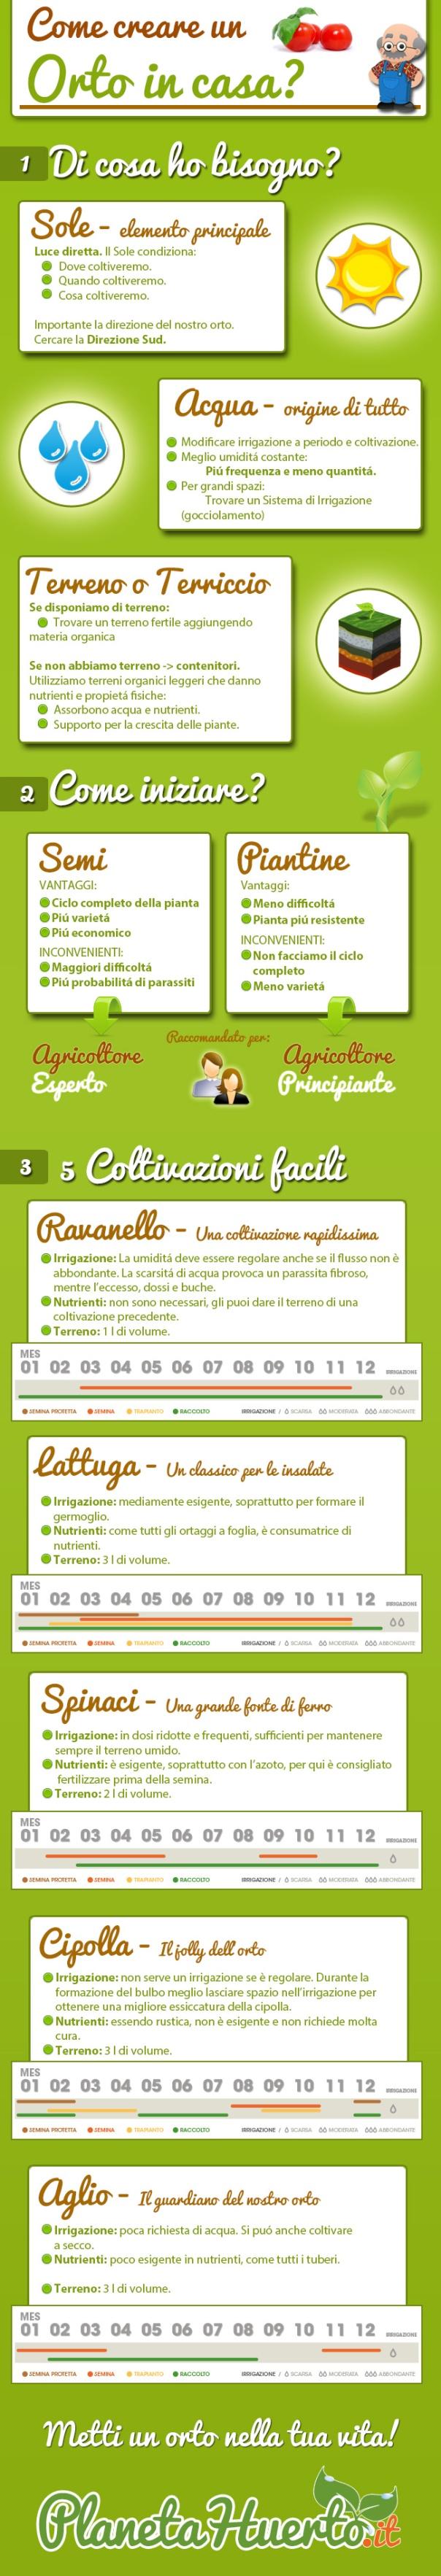 infografia-huerto-IT